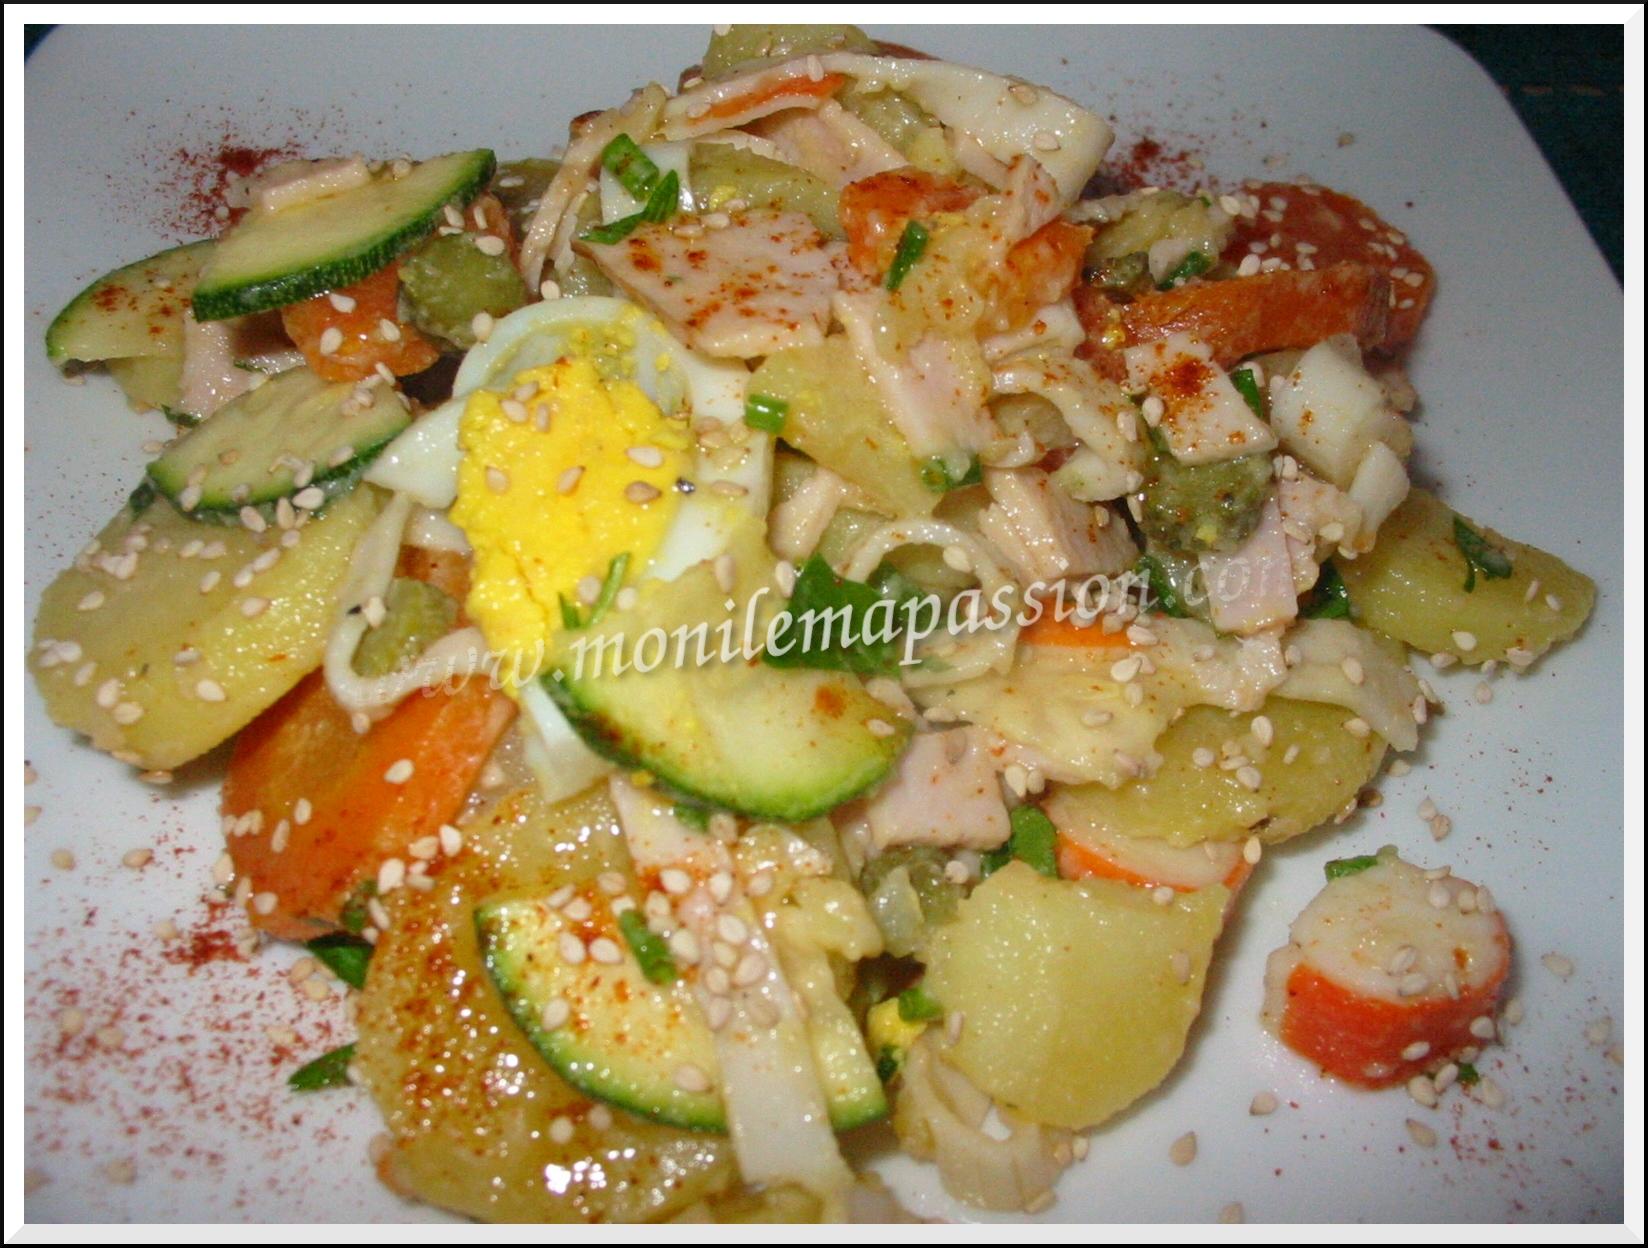 Salade de pommes de terre de lendemain de Saint-Valentin